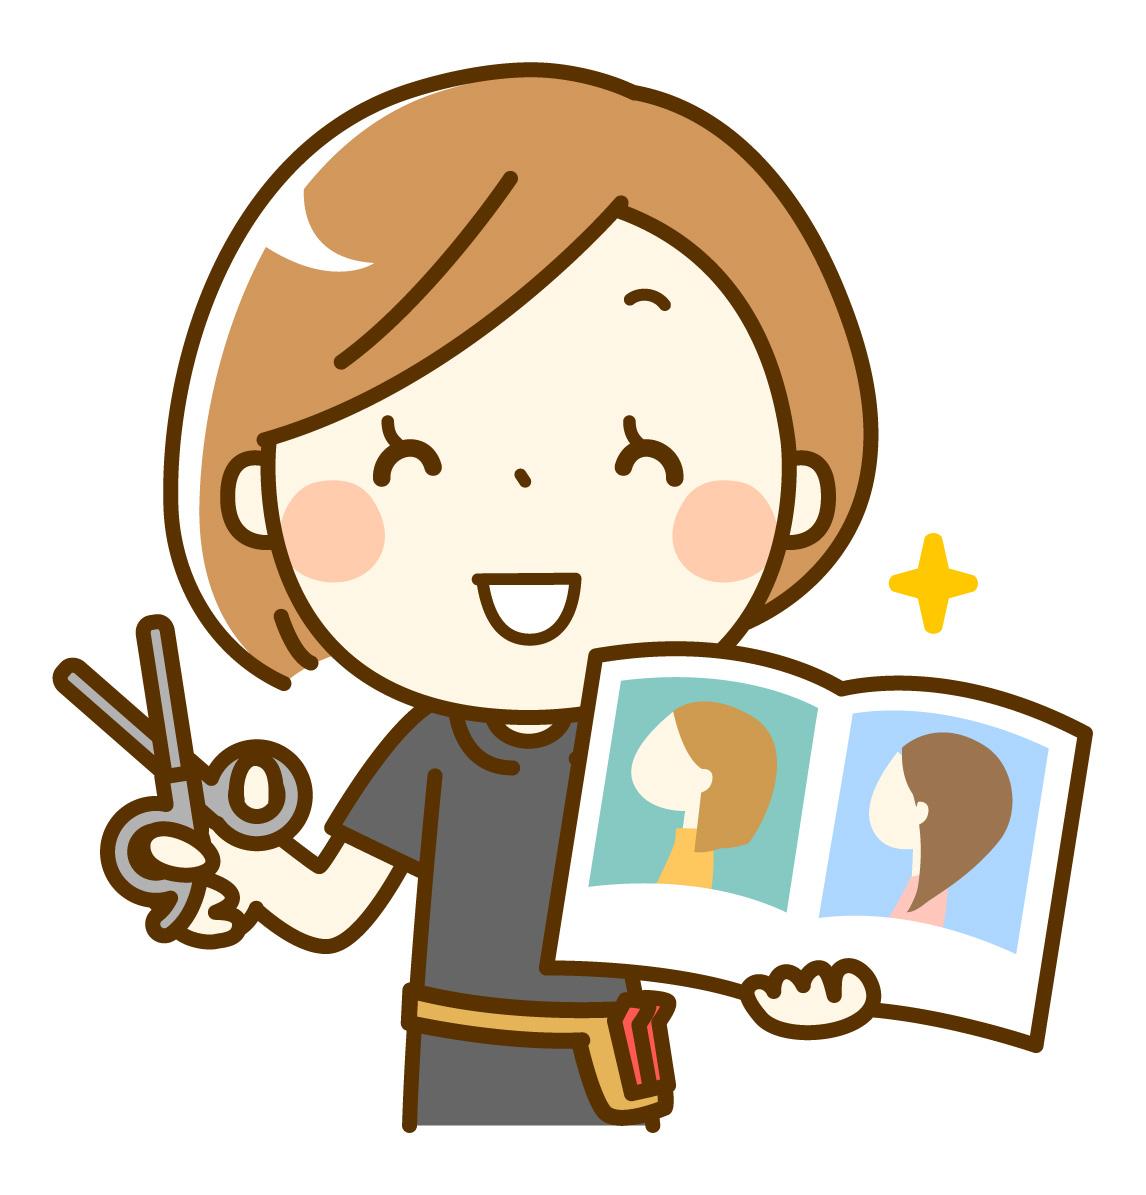 美容師の鈴木です。